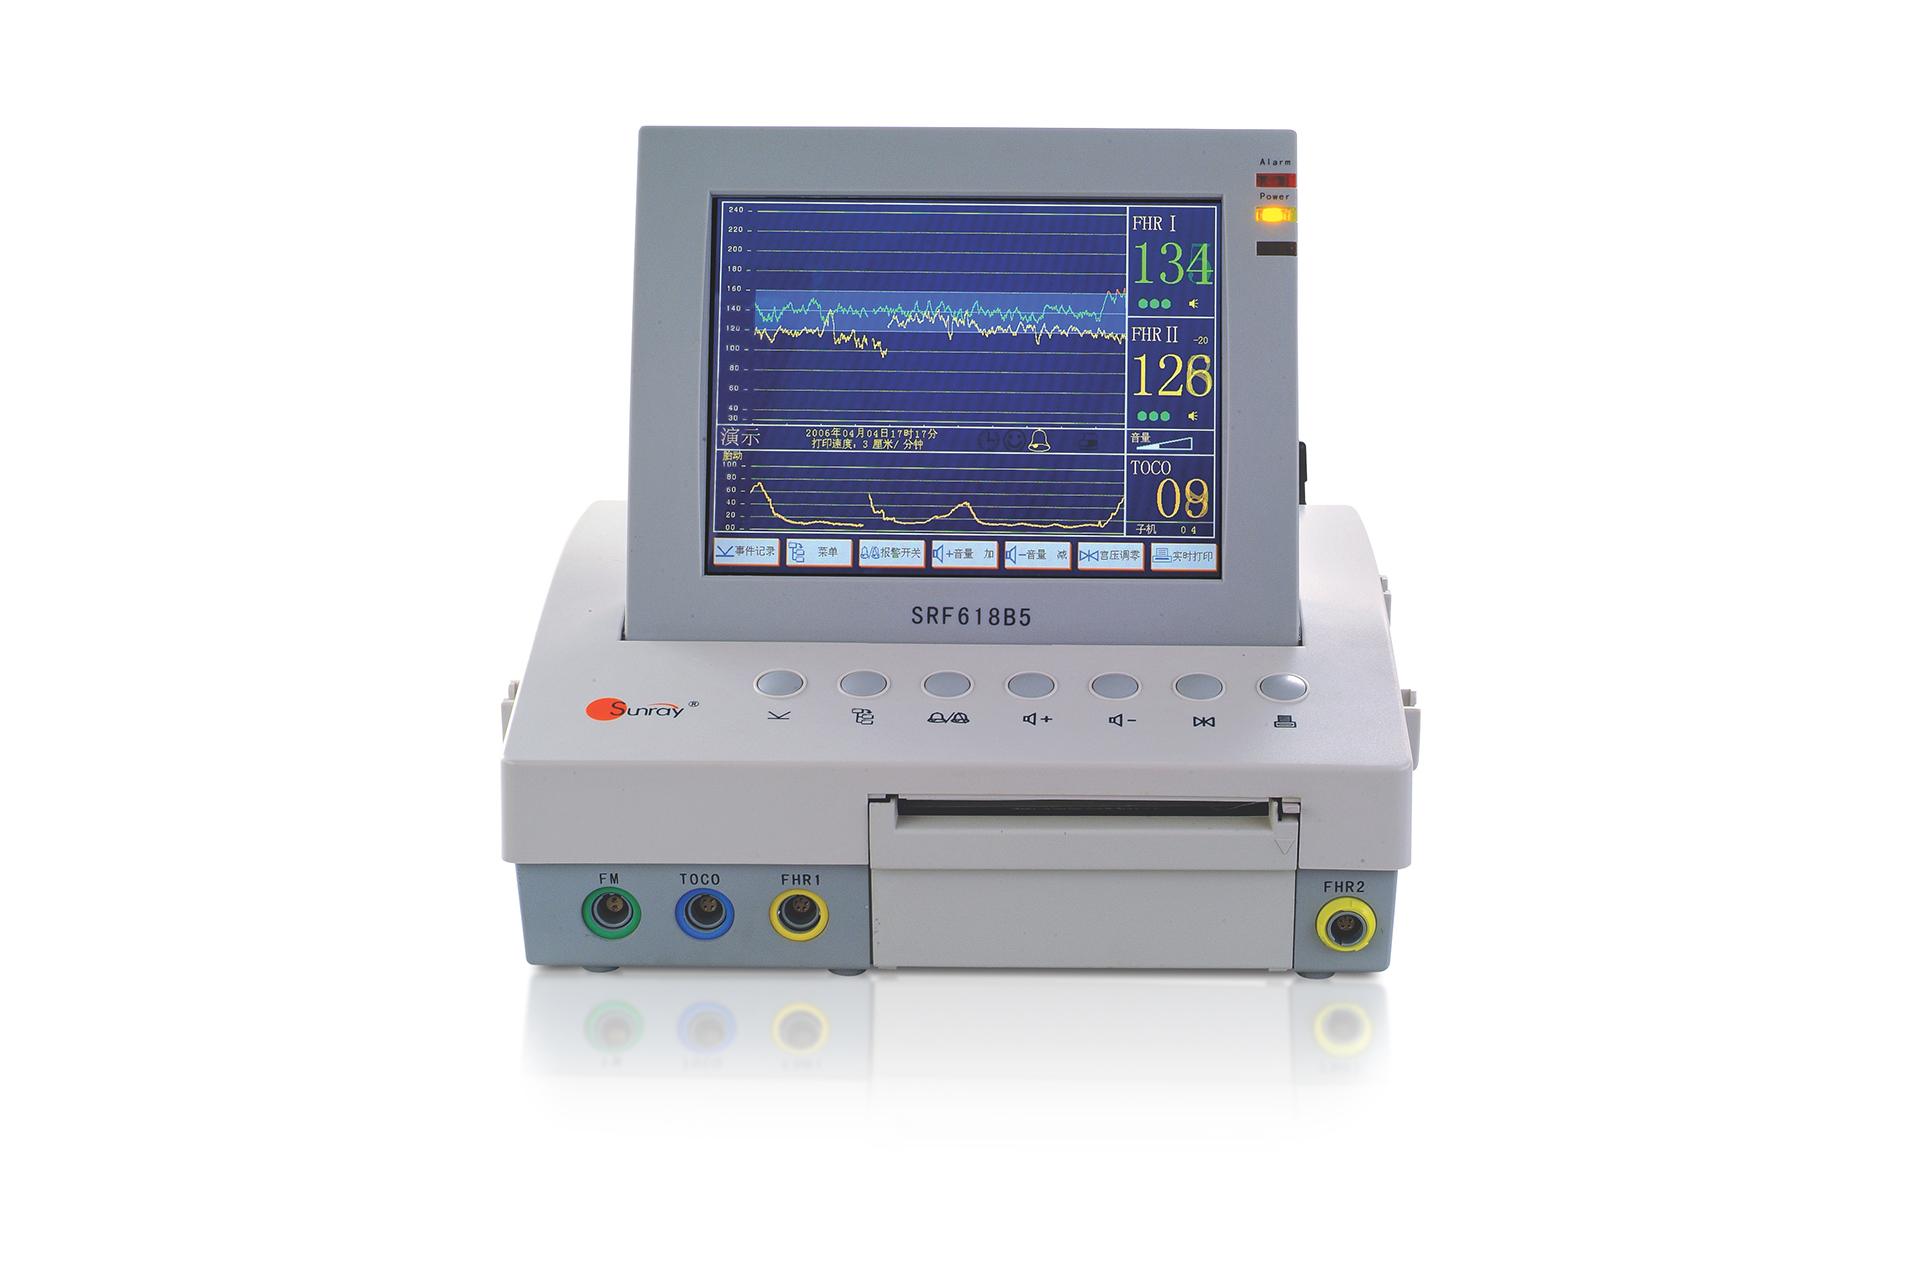 处理好文件-SRF618B5电脑胎儿监护仪